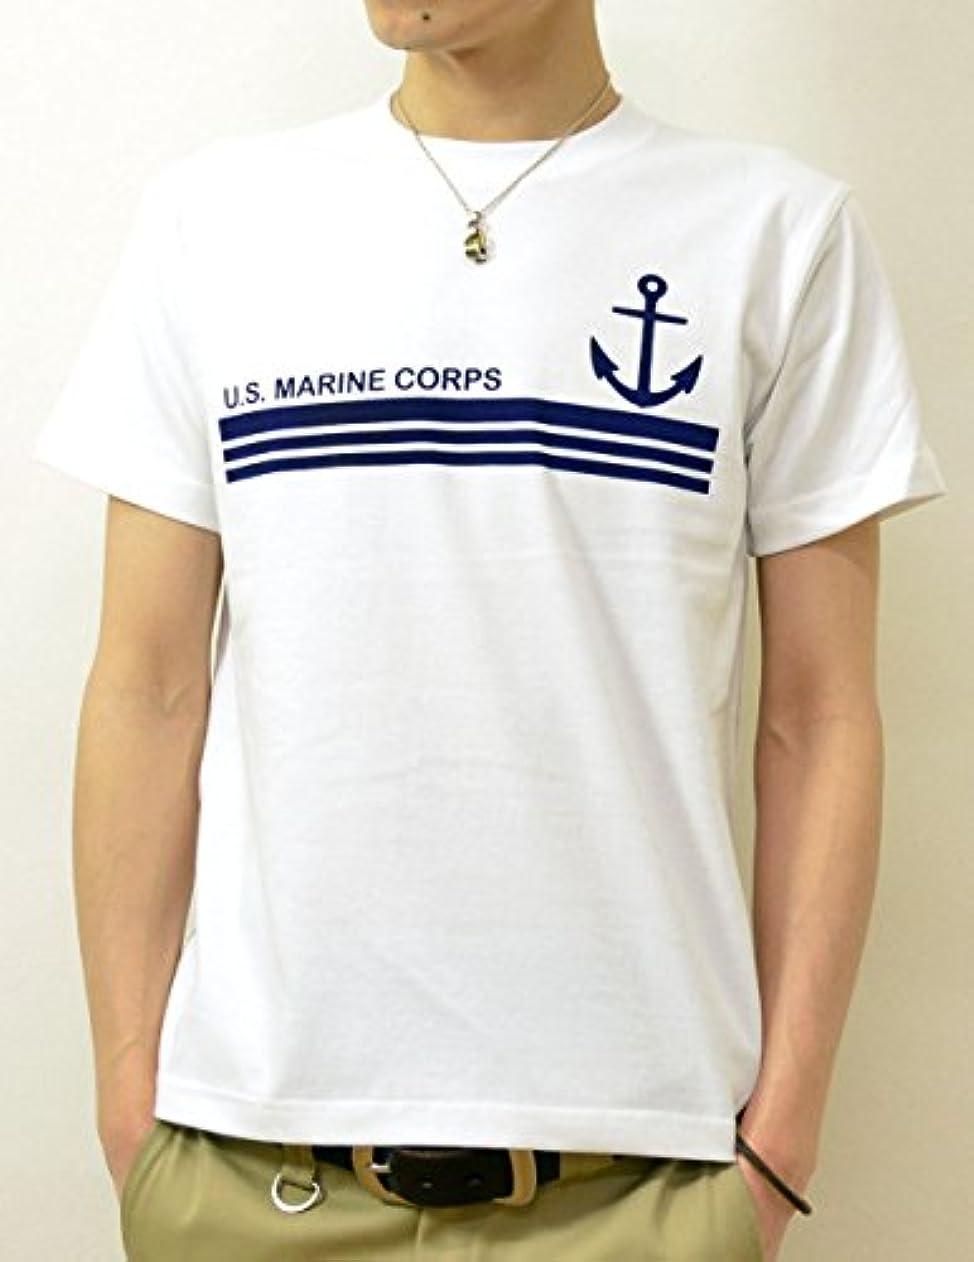 栄光見出し曲線(ジーンズバグ)JEANSBUG MARINE BORDER オリジナル マリン ミリタリー プリント 半袖 Tシャツ メンズ レディース 大きいサイズ ST-MRNBD